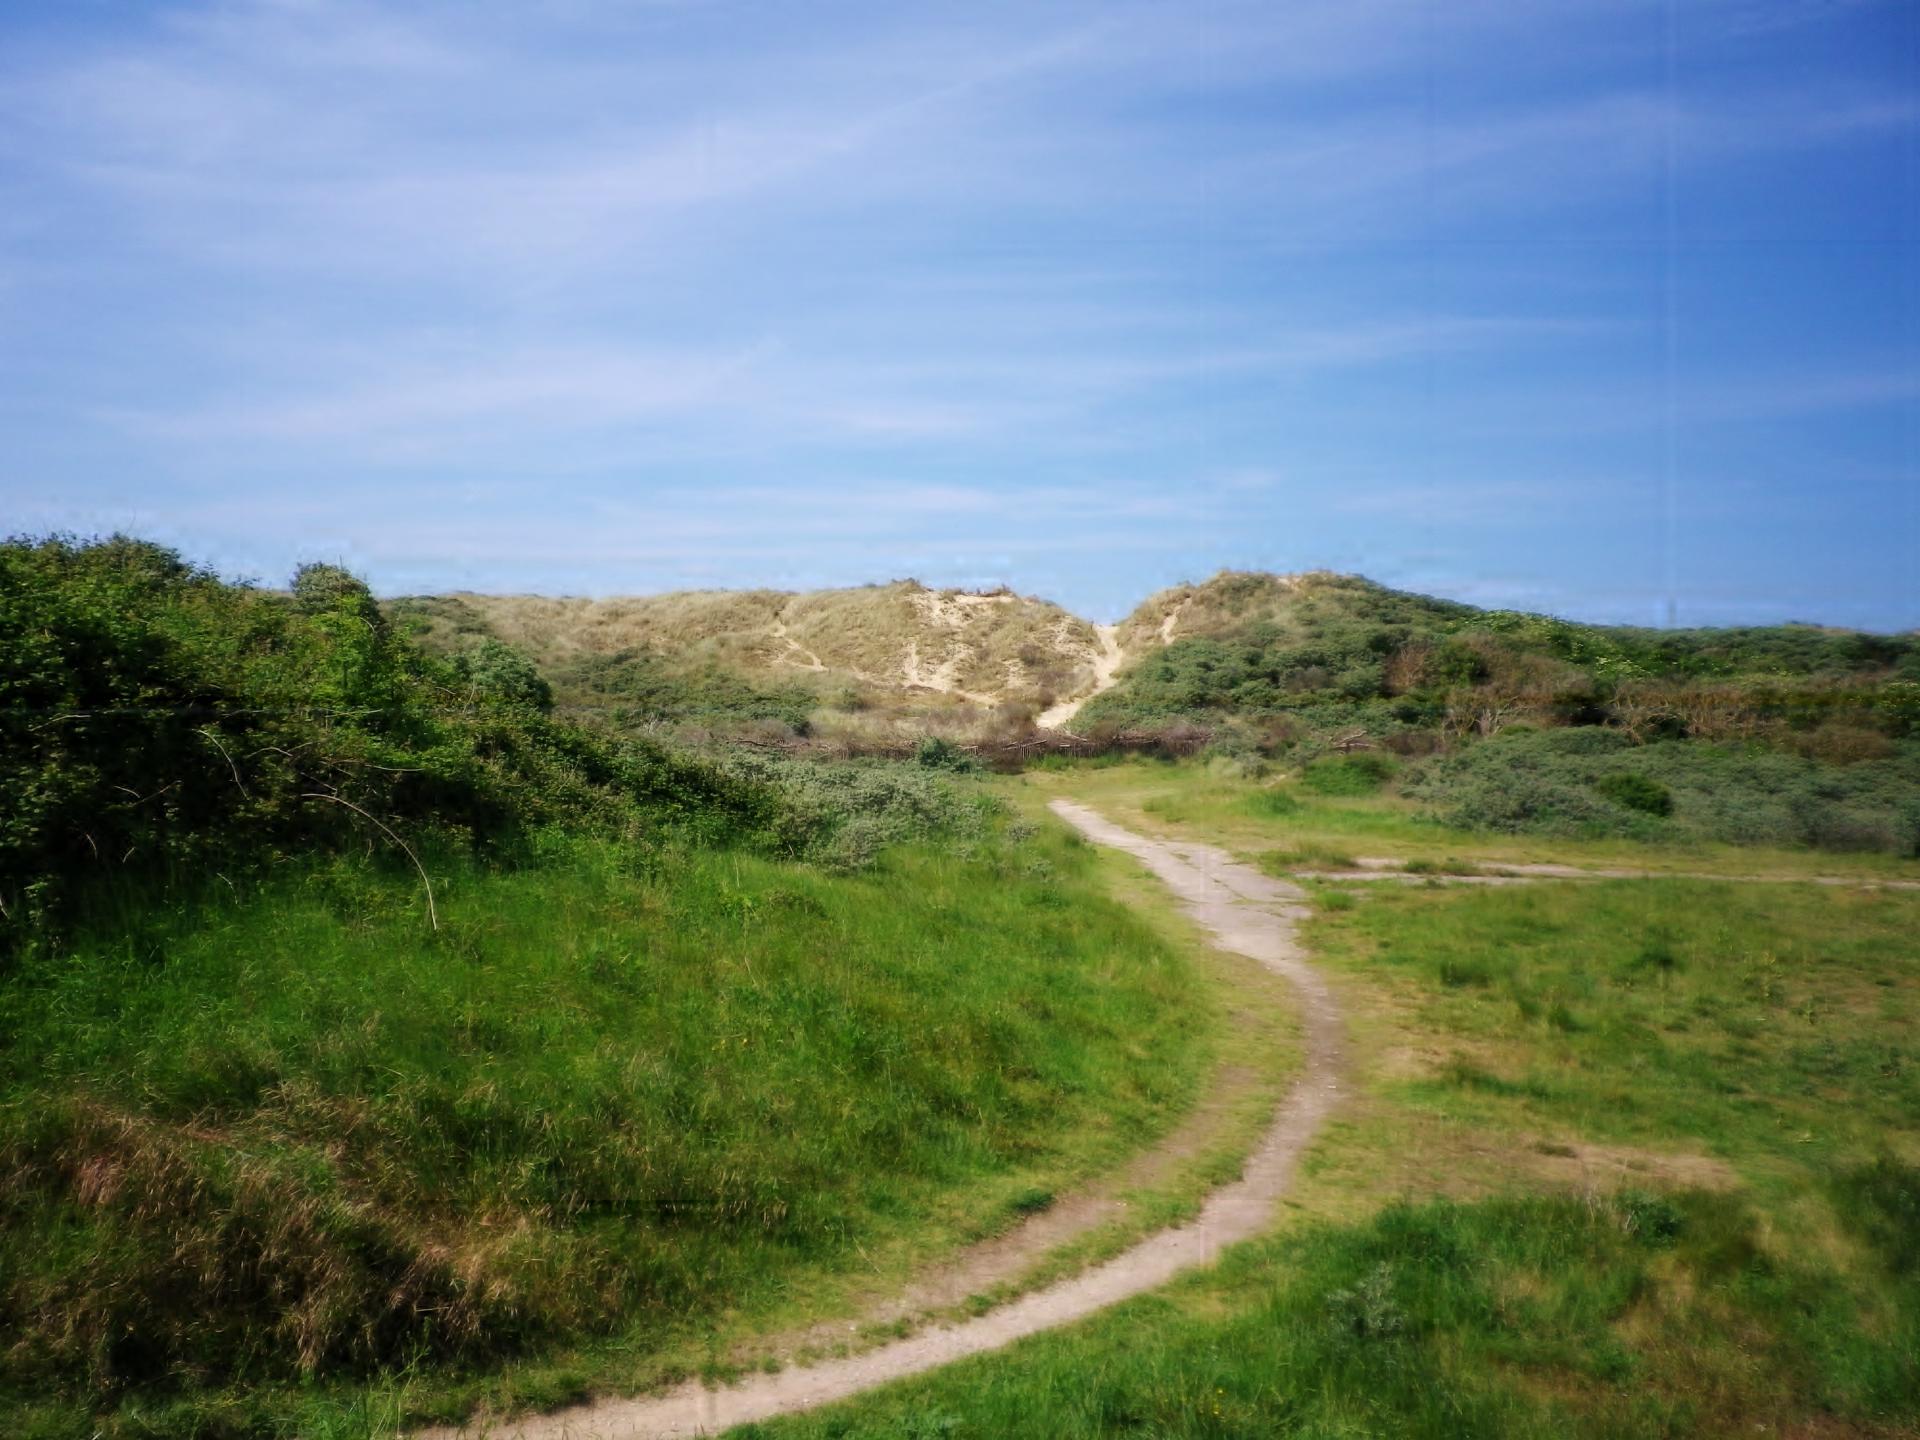 Sangatte un acces a la plage a travers la grande dune